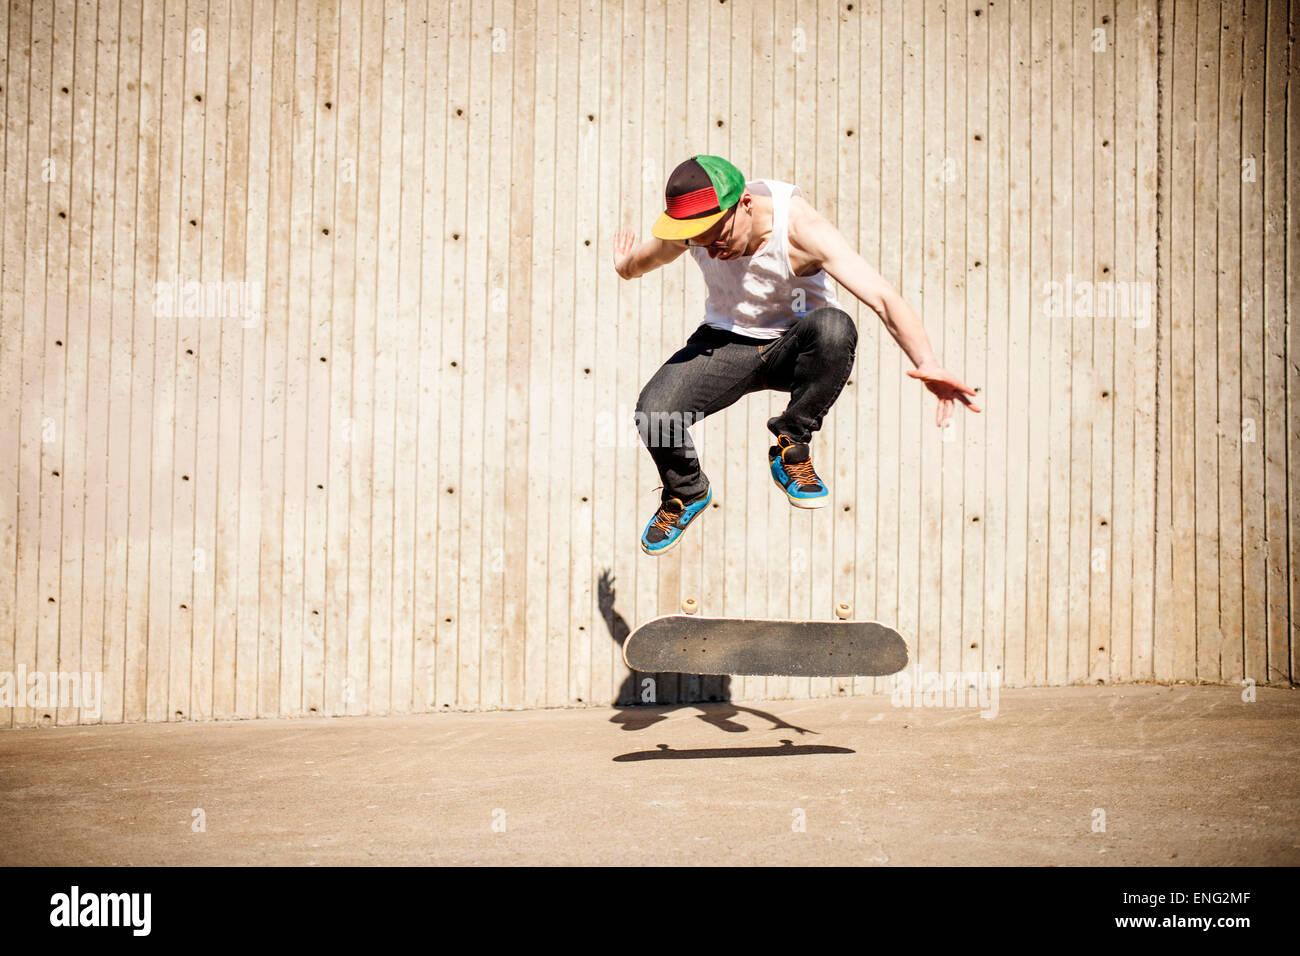 Hombre haciendo skate truco del Cáucaso cerca de la pared de madera Imagen De Stock